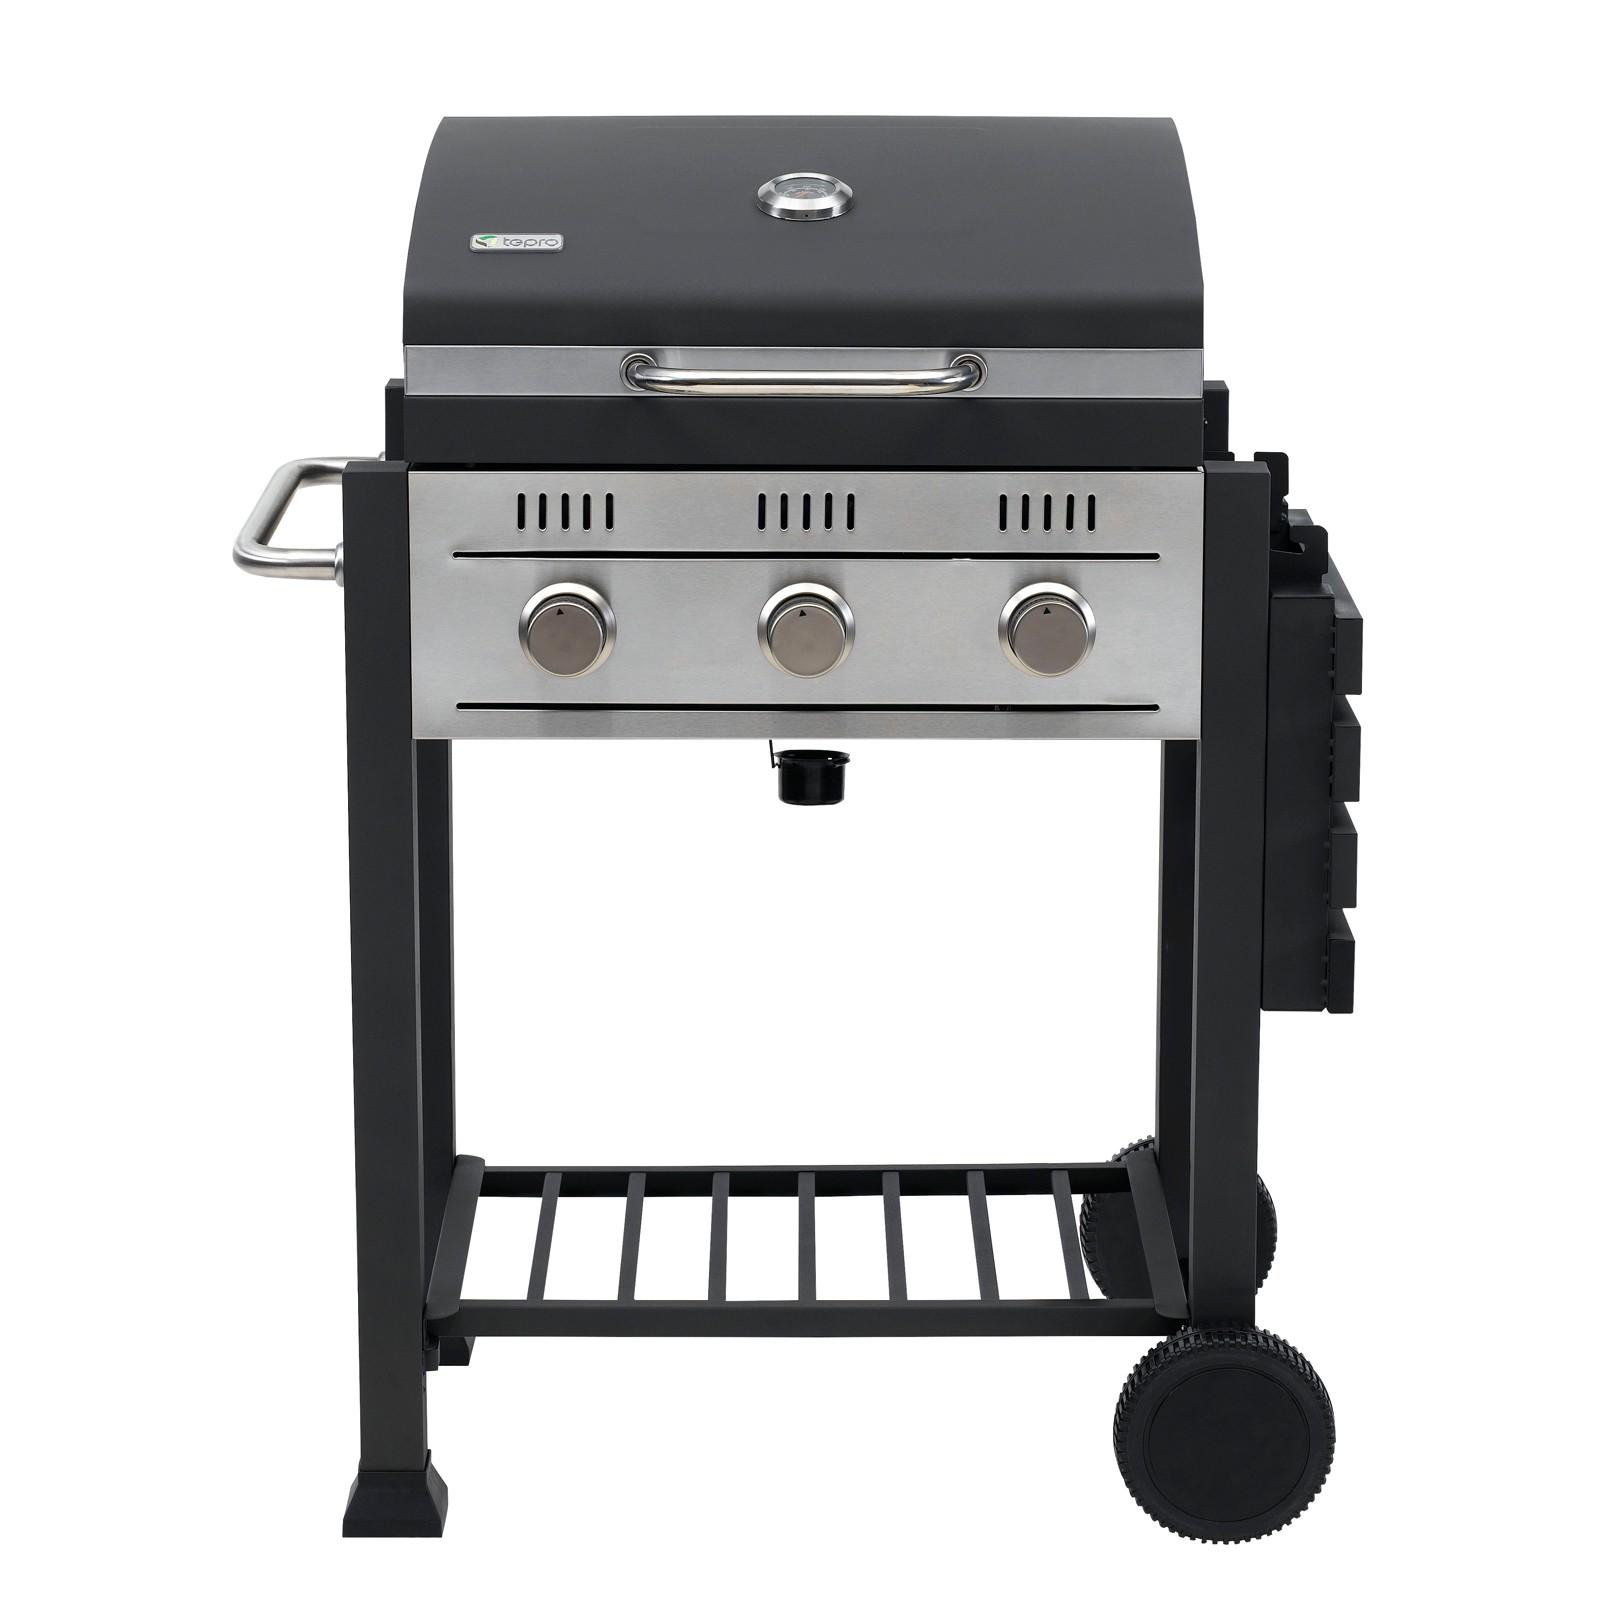 tepro gasgrill grillwagen barbecue gasgrillwagen toronto mit 3 edelstahl brenner ebay. Black Bedroom Furniture Sets. Home Design Ideas